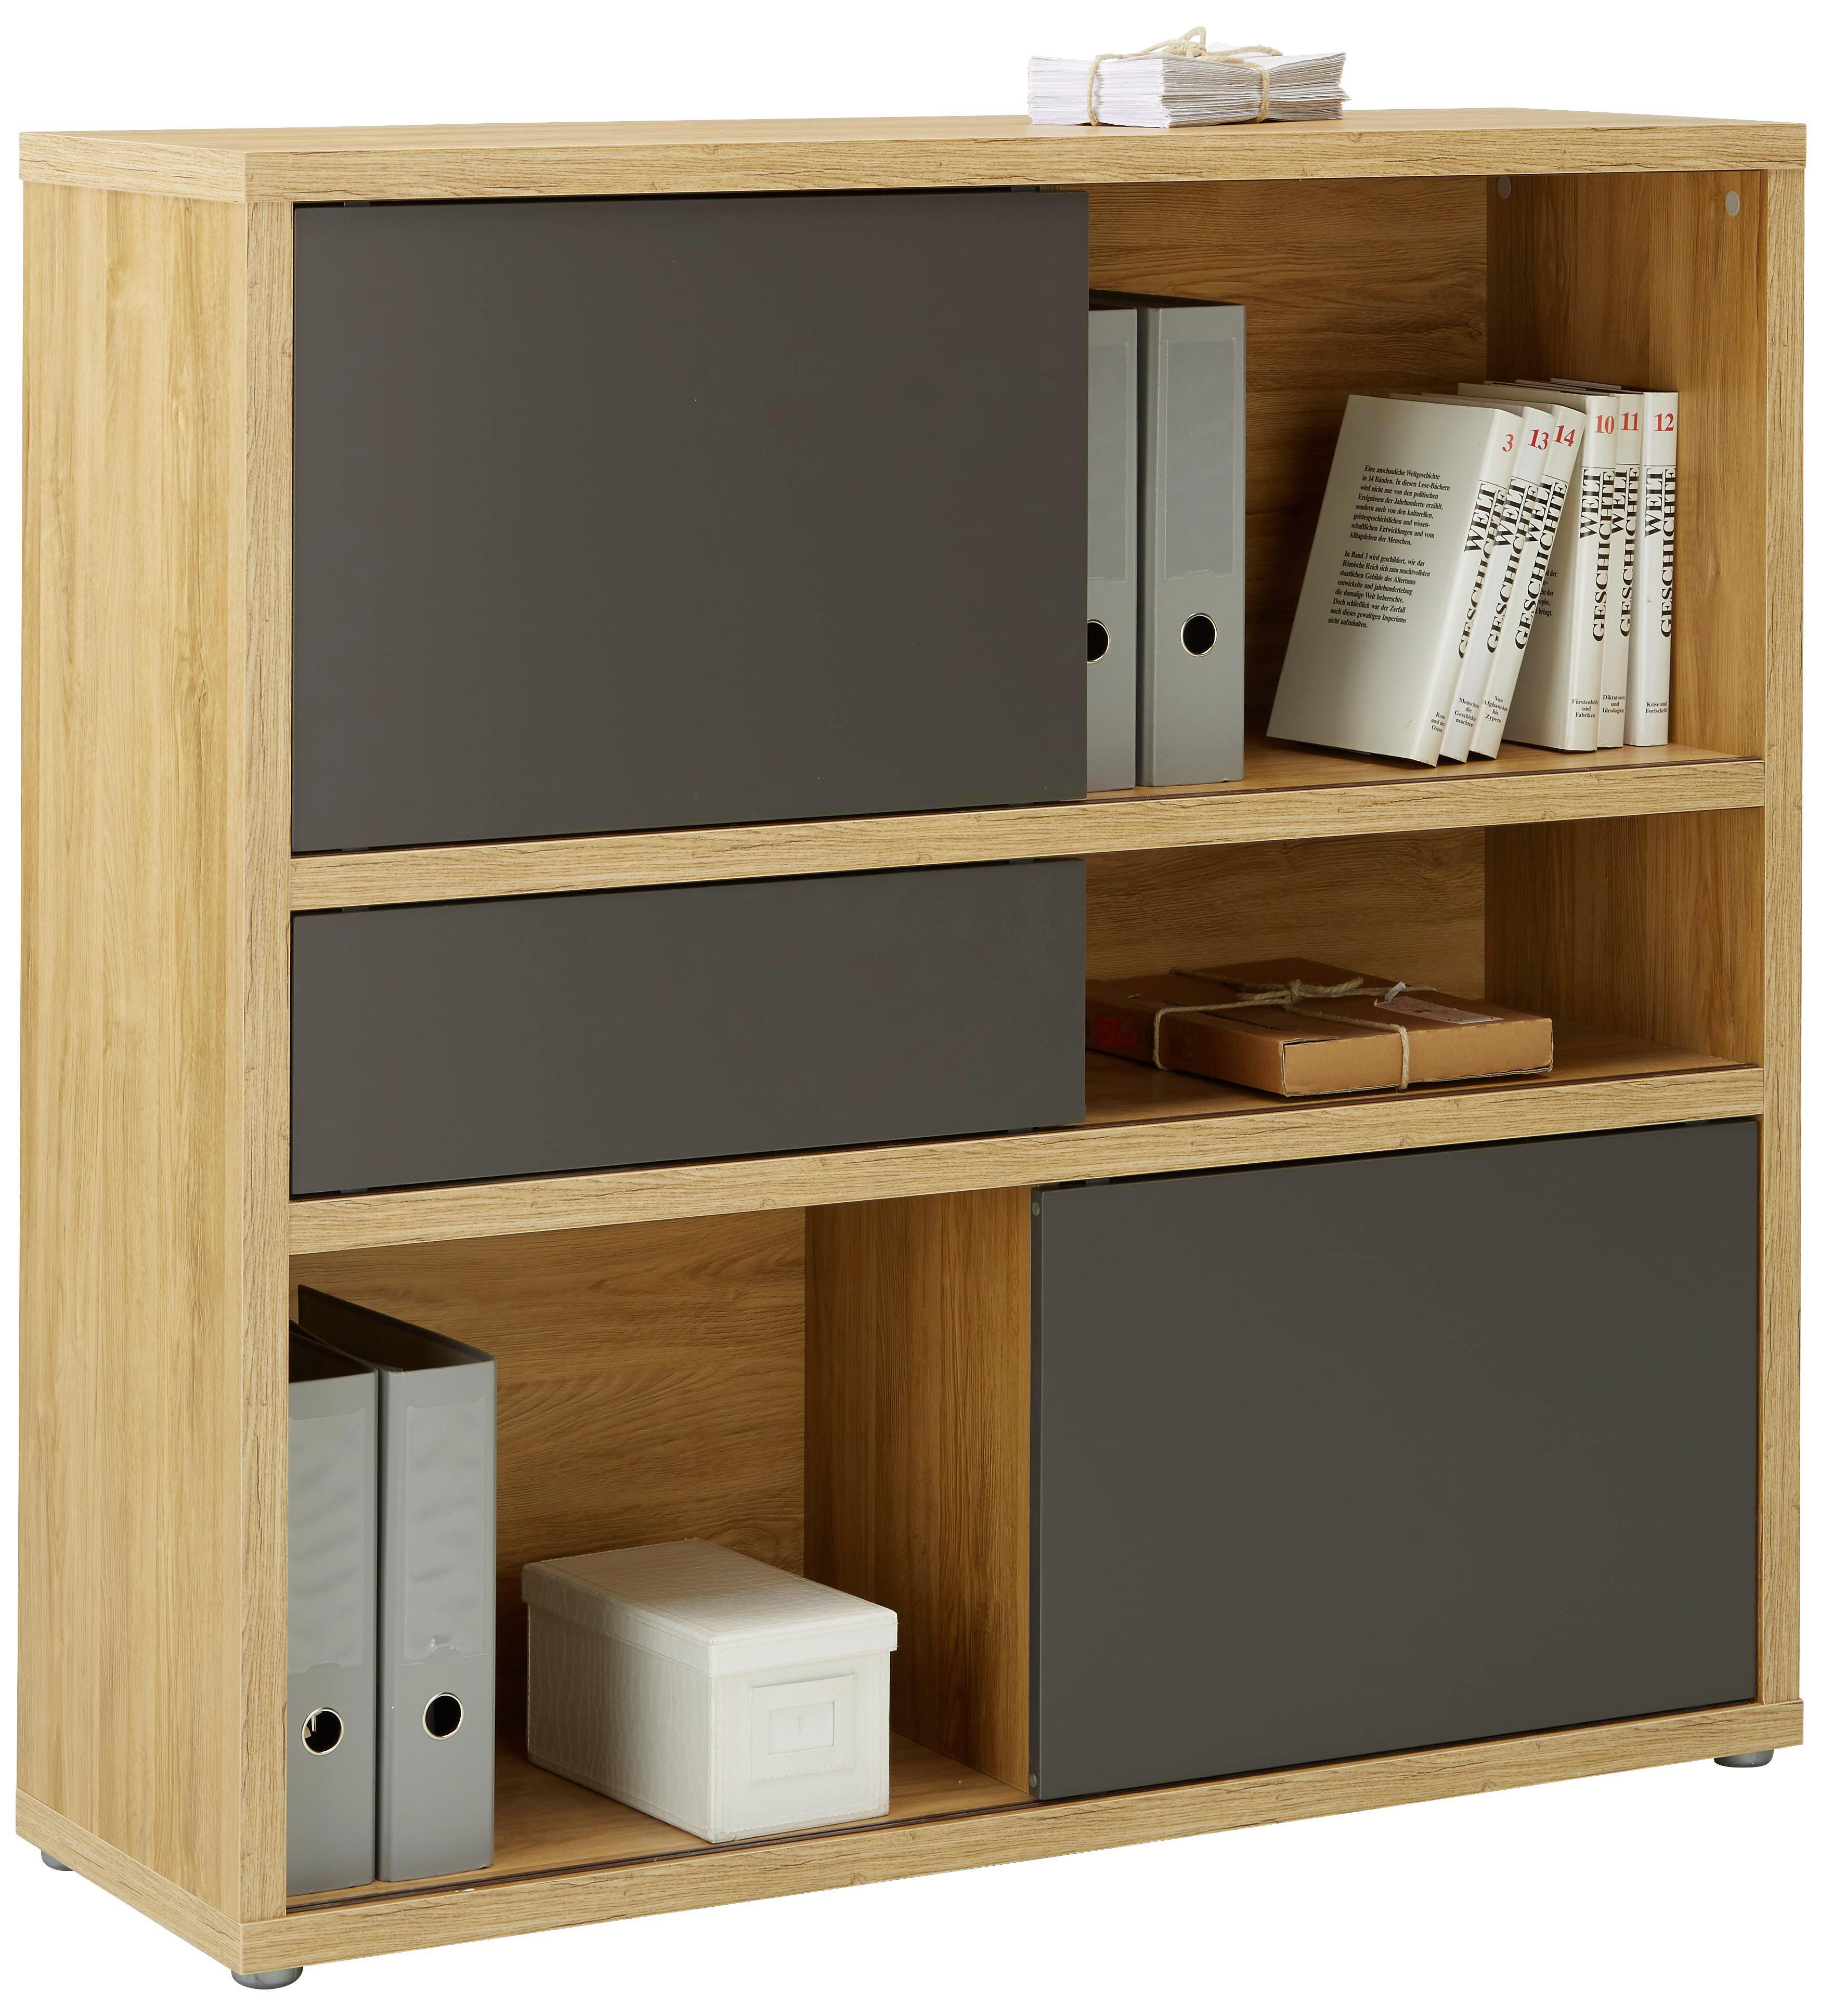 Ungewöhnlich Ikea Küchenplaner Plugin Absturz Fotos - Ideen Für Die ...